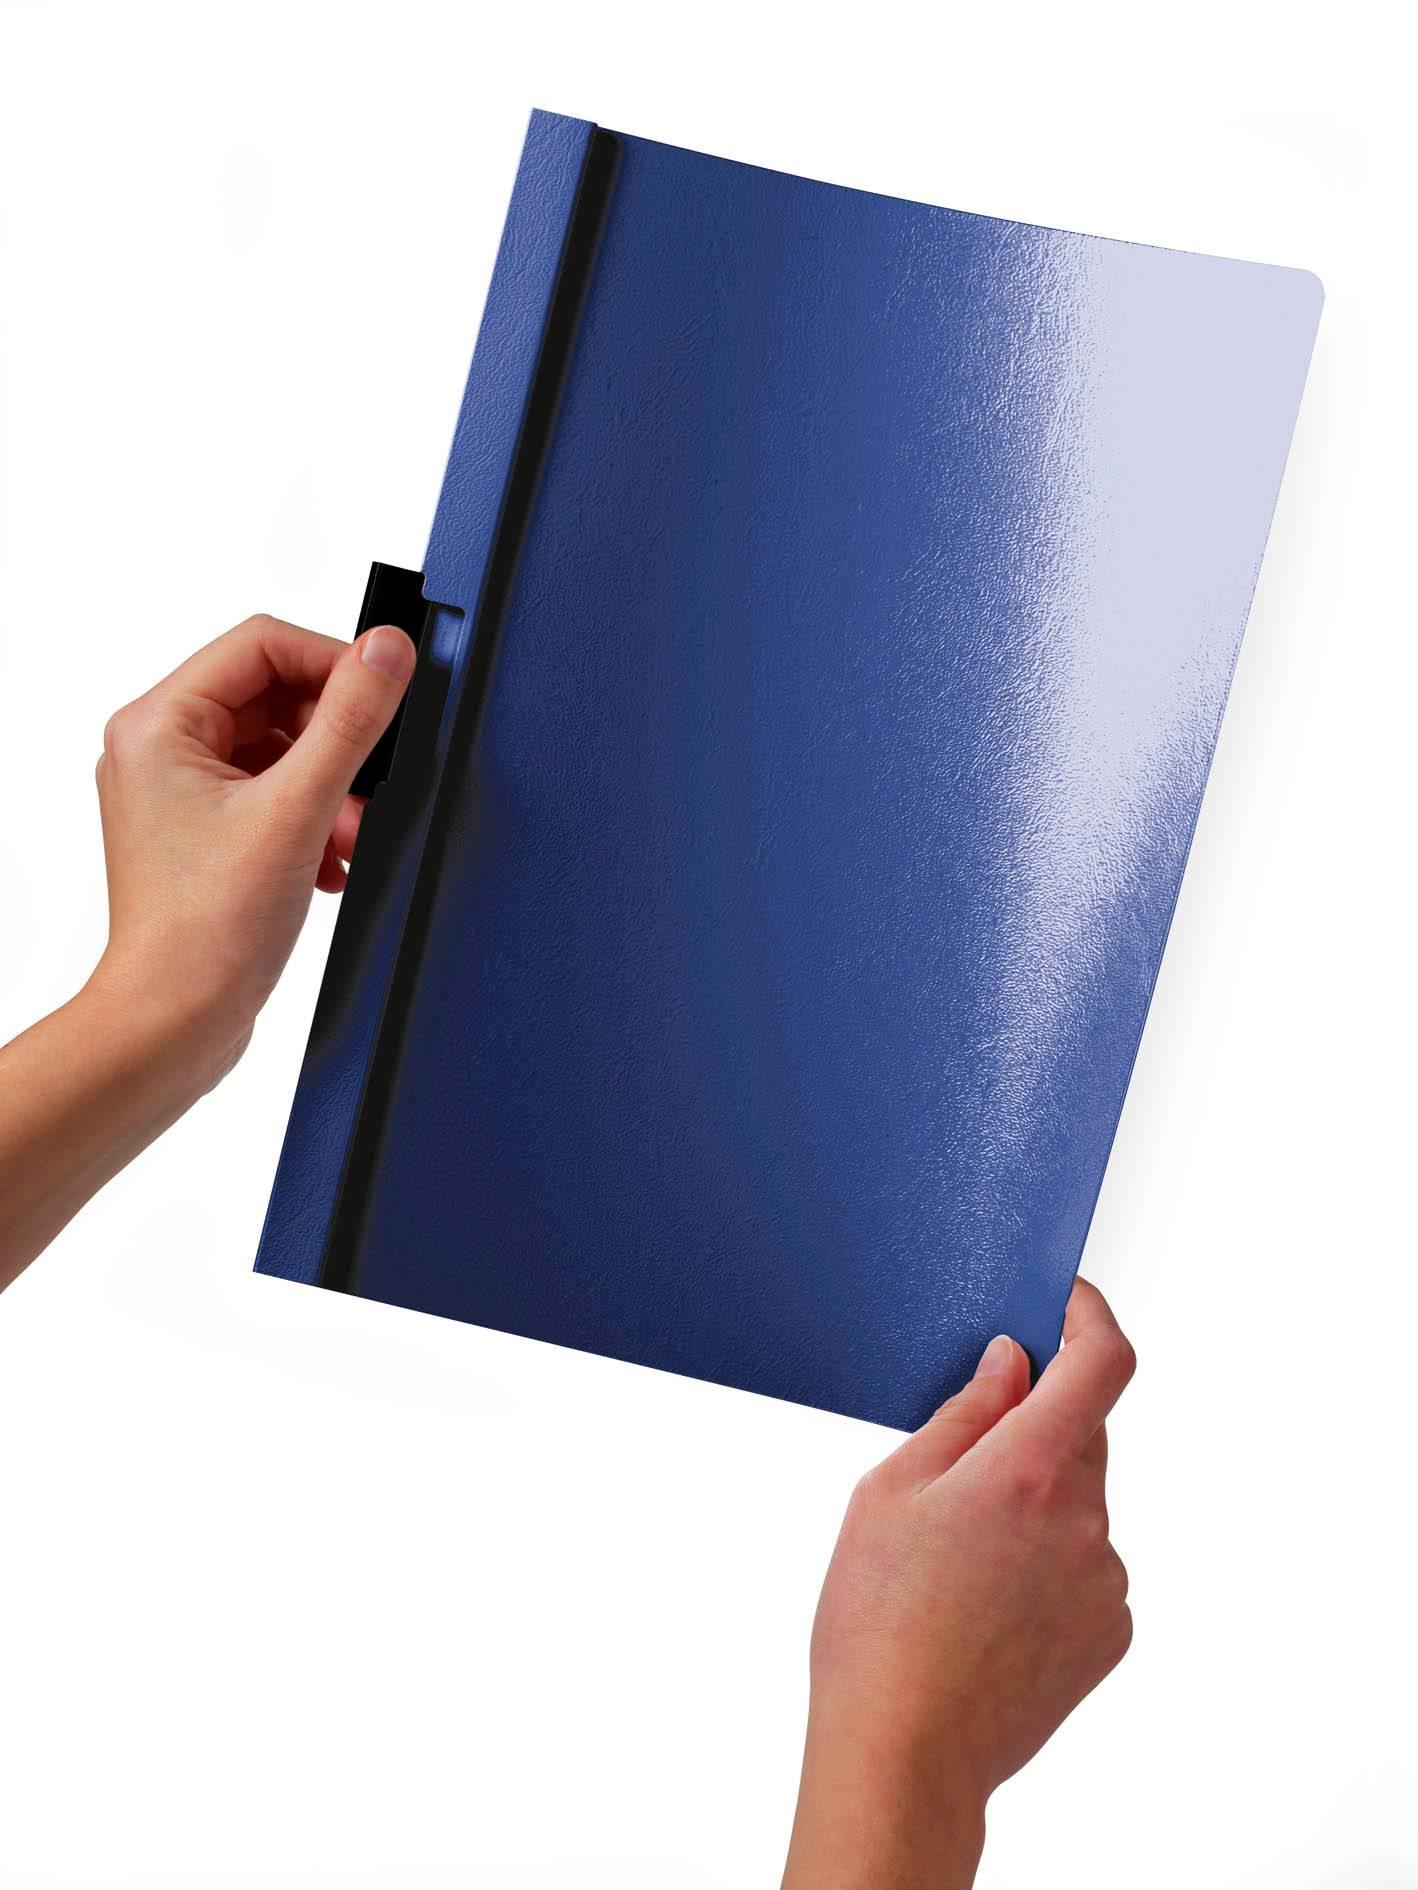 Папка-клип Durable Duraclip 60 Original антрацит/серый клип-черный max 60 стр верхн лист прозрачный - фото 1